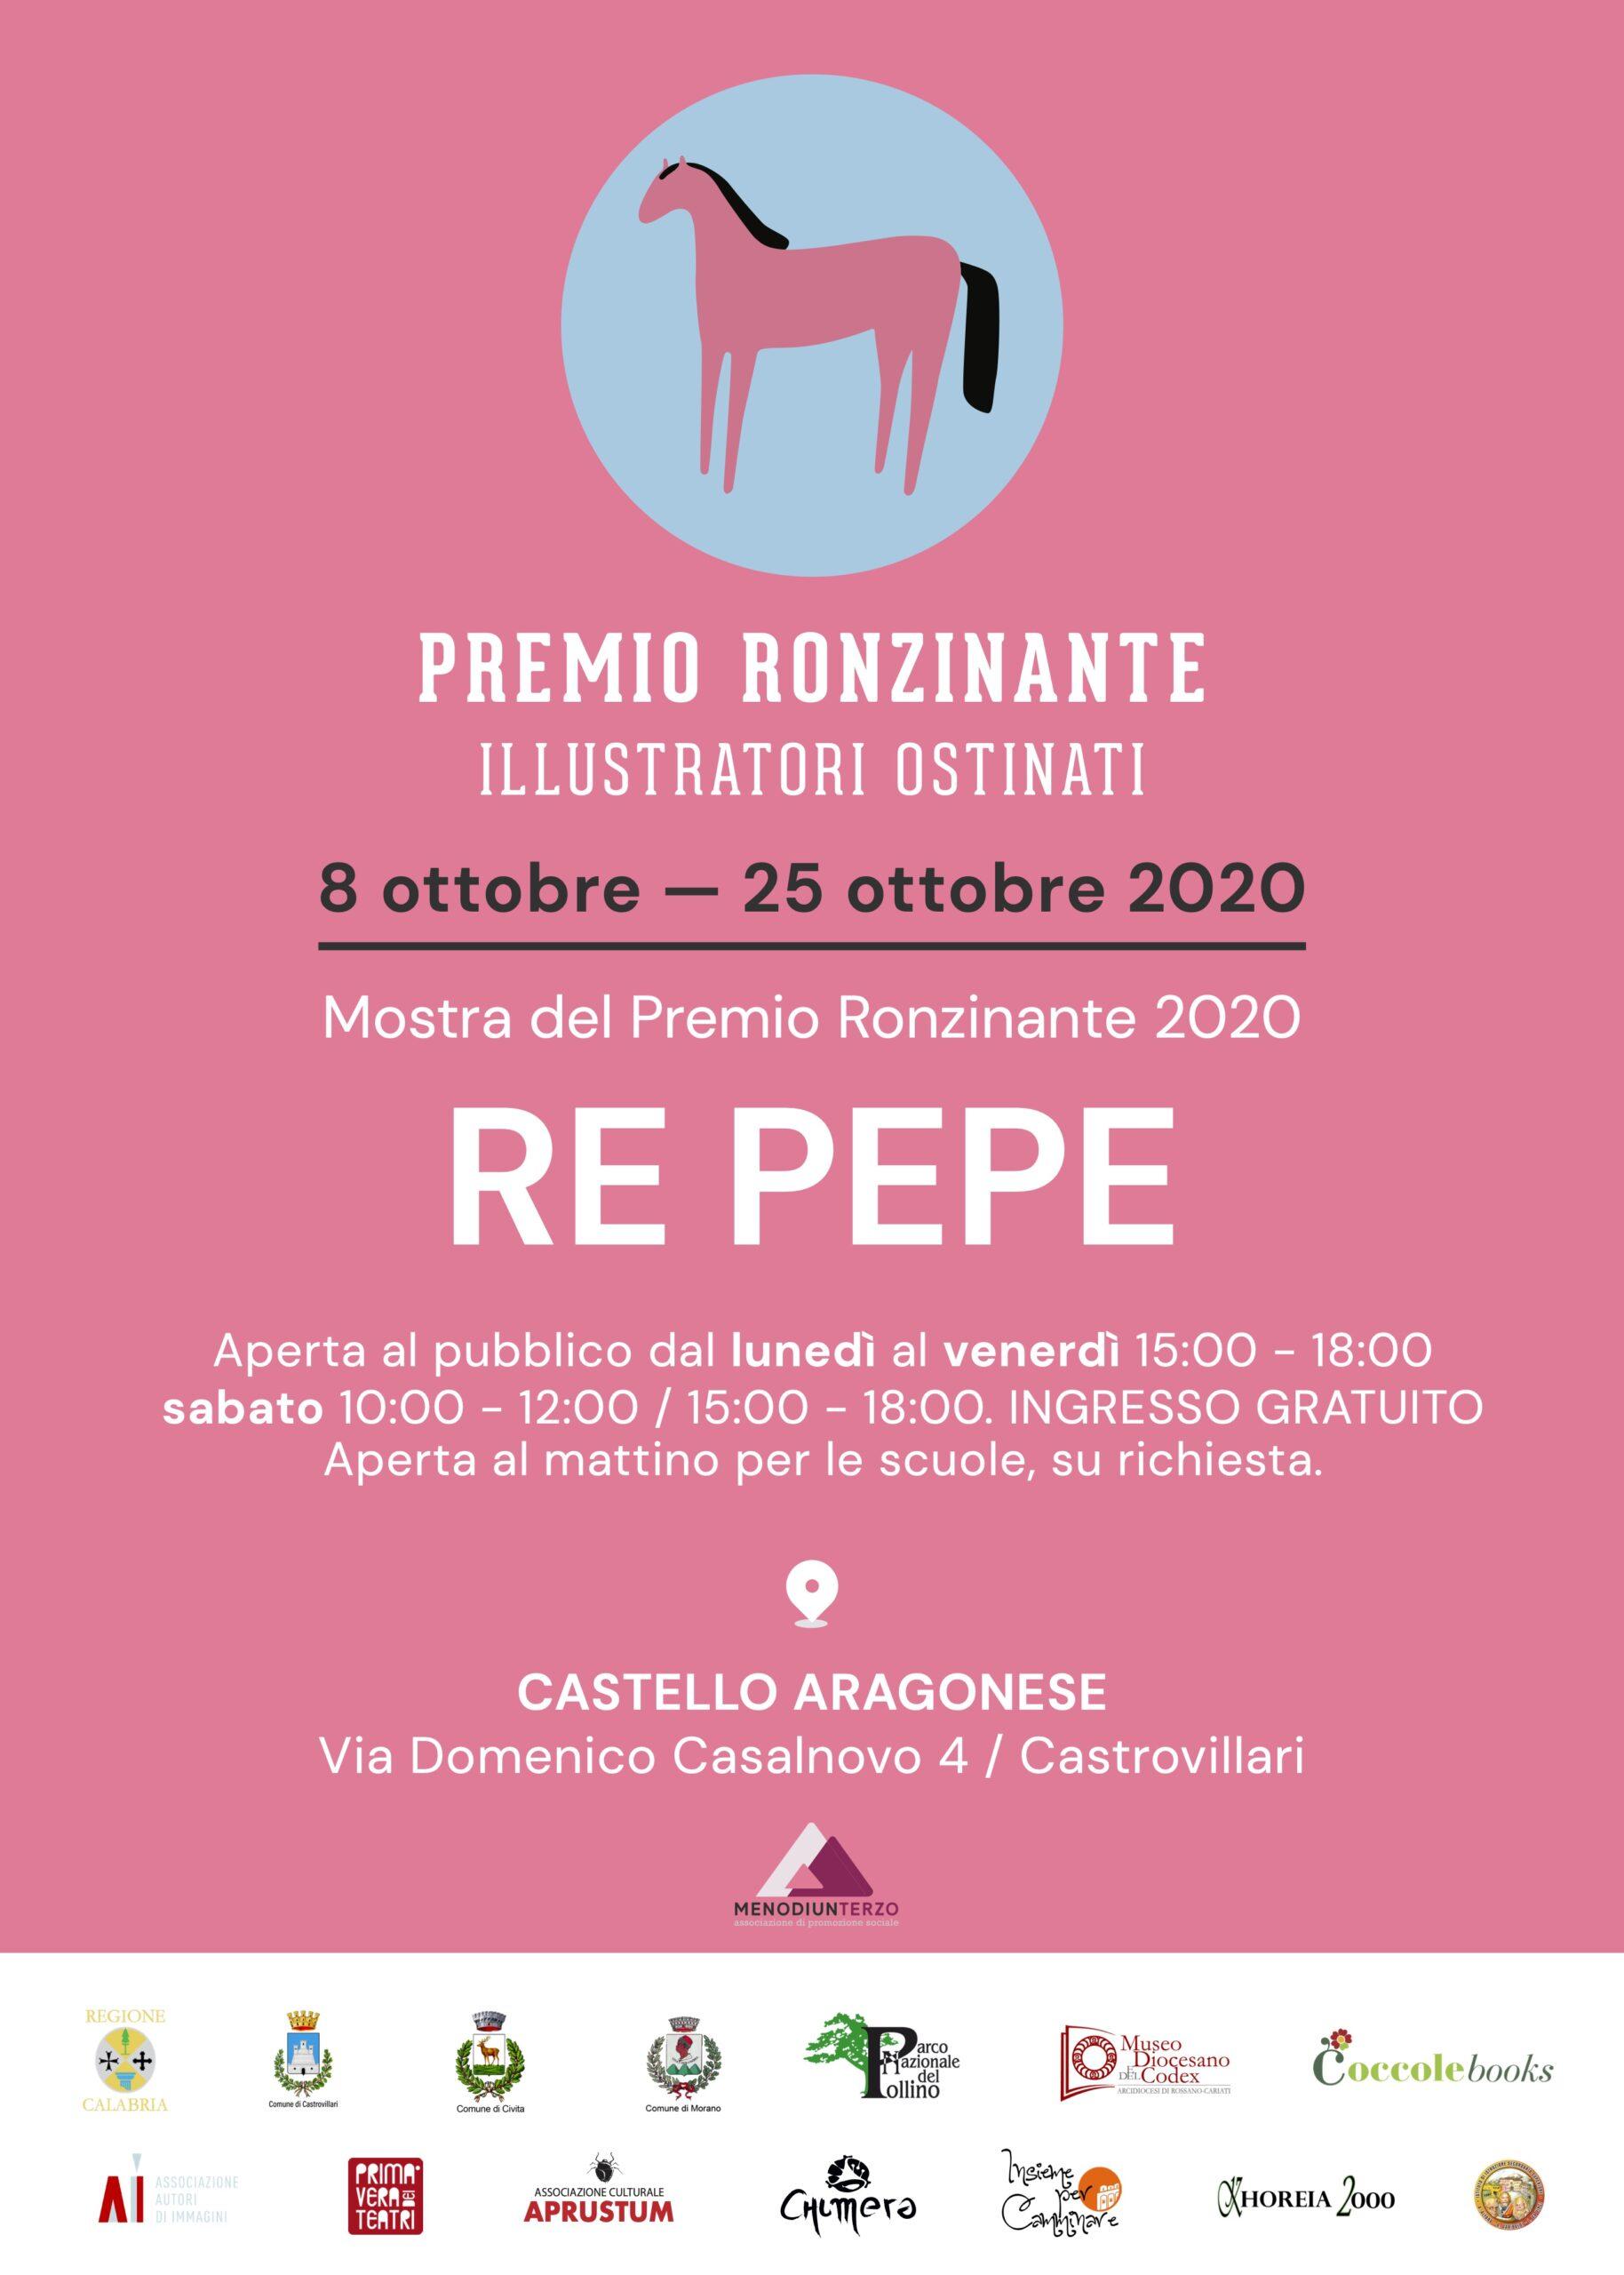 MOSTRA DEL PREMIO RONZINANTE 2020. RE PEPE.